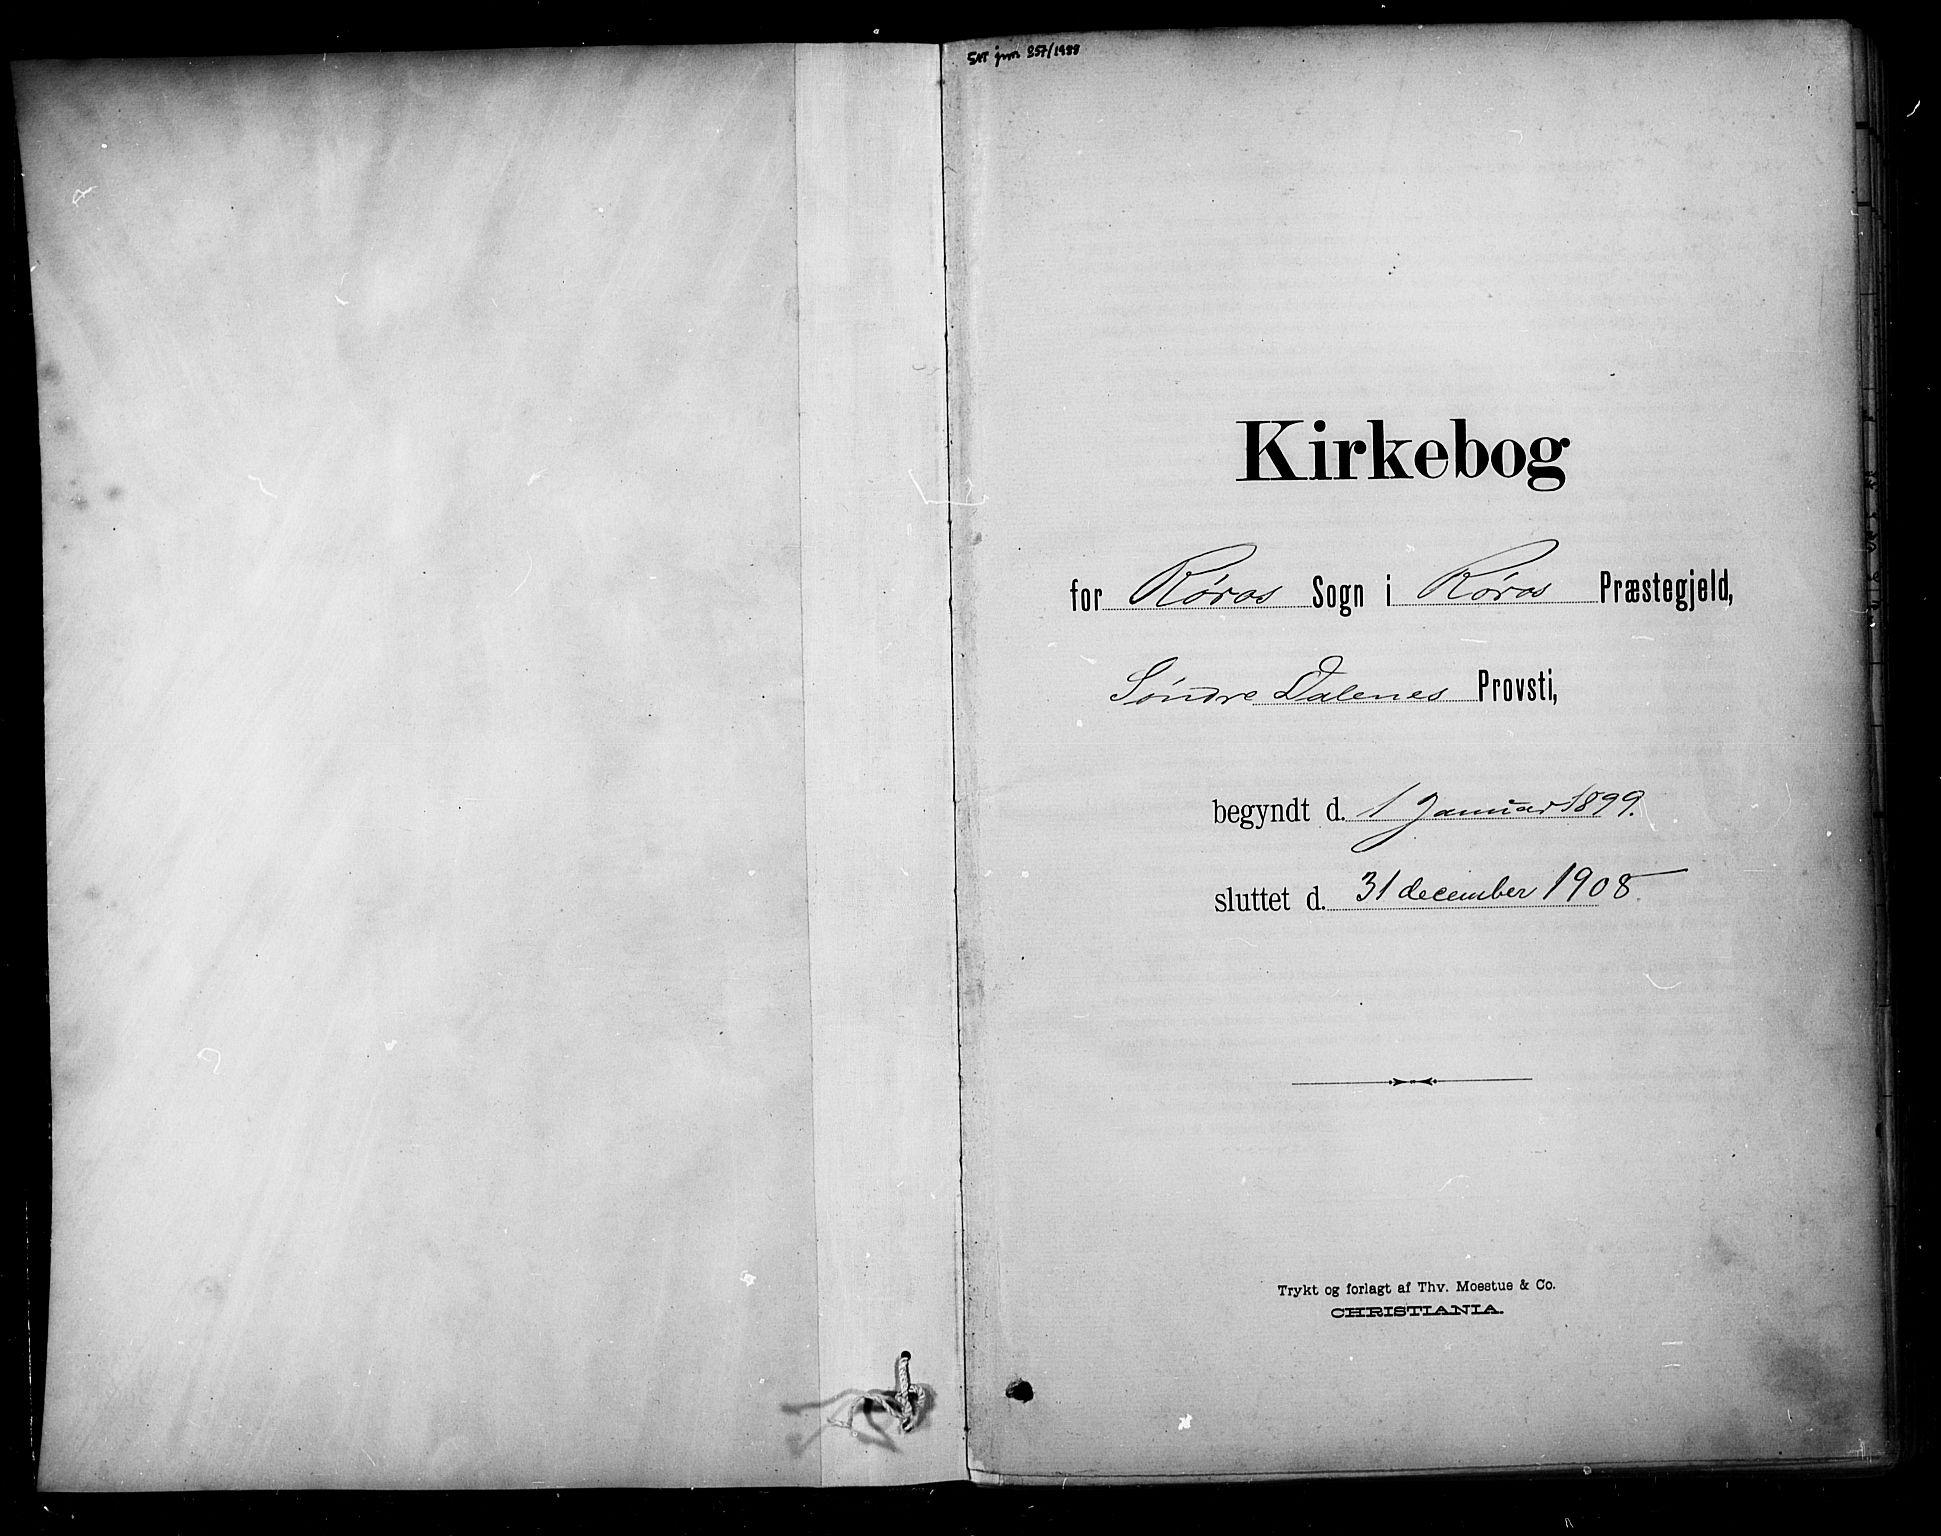 SAT, Ministerialprotokoller, klokkerbøker og fødselsregistre - Sør-Trøndelag, 681/L0936: Ministerialbok nr. 681A14, 1899-1908